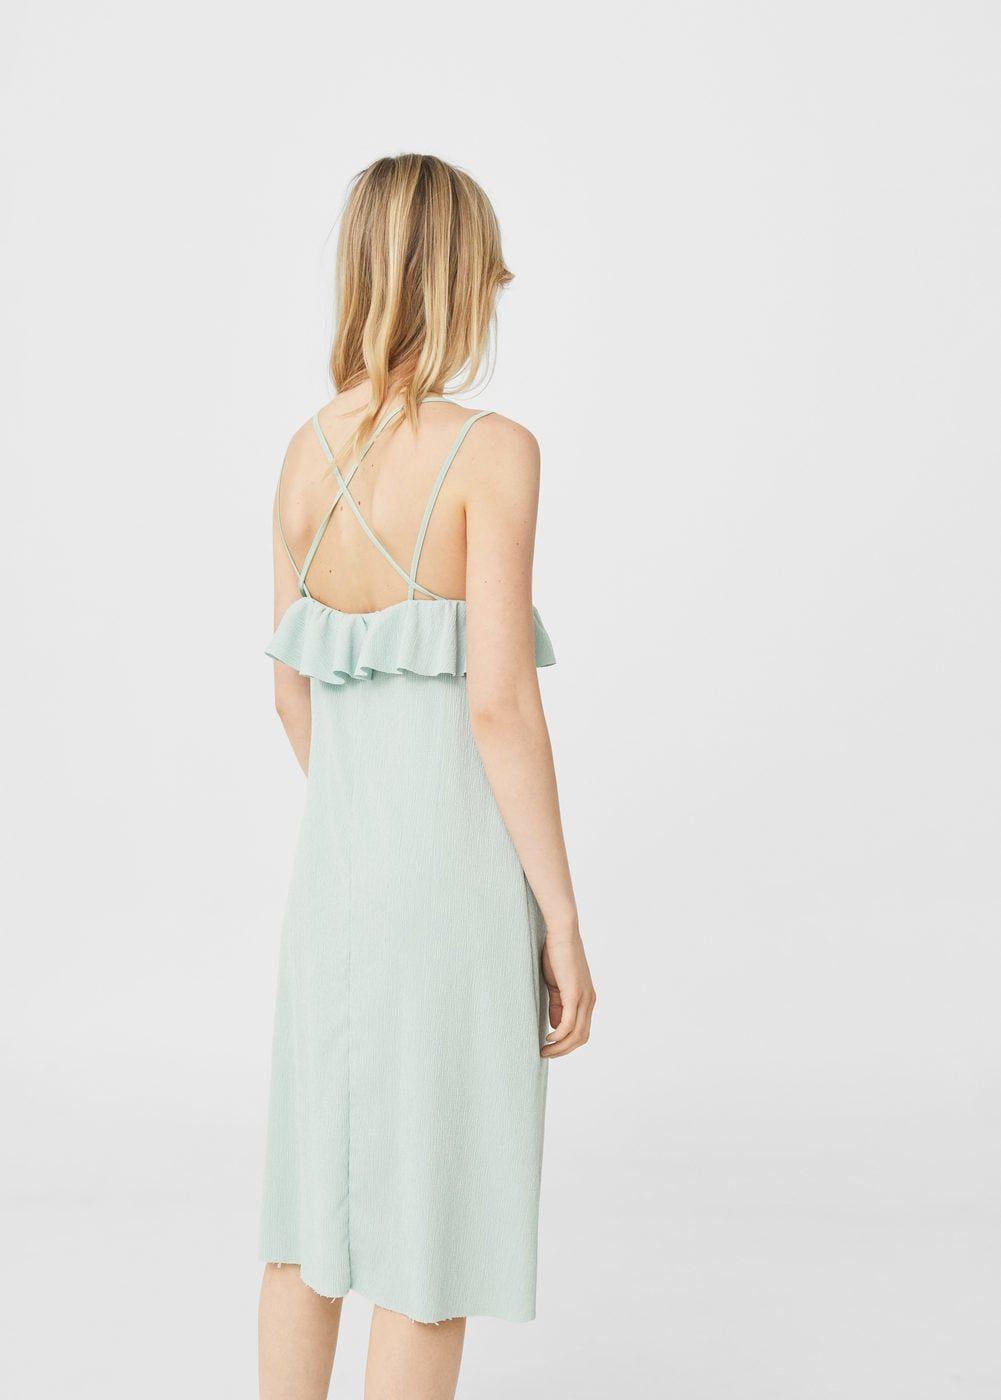 Strukturiertes kleid, volantsaum - Damen | strukturiertes Kleid ...